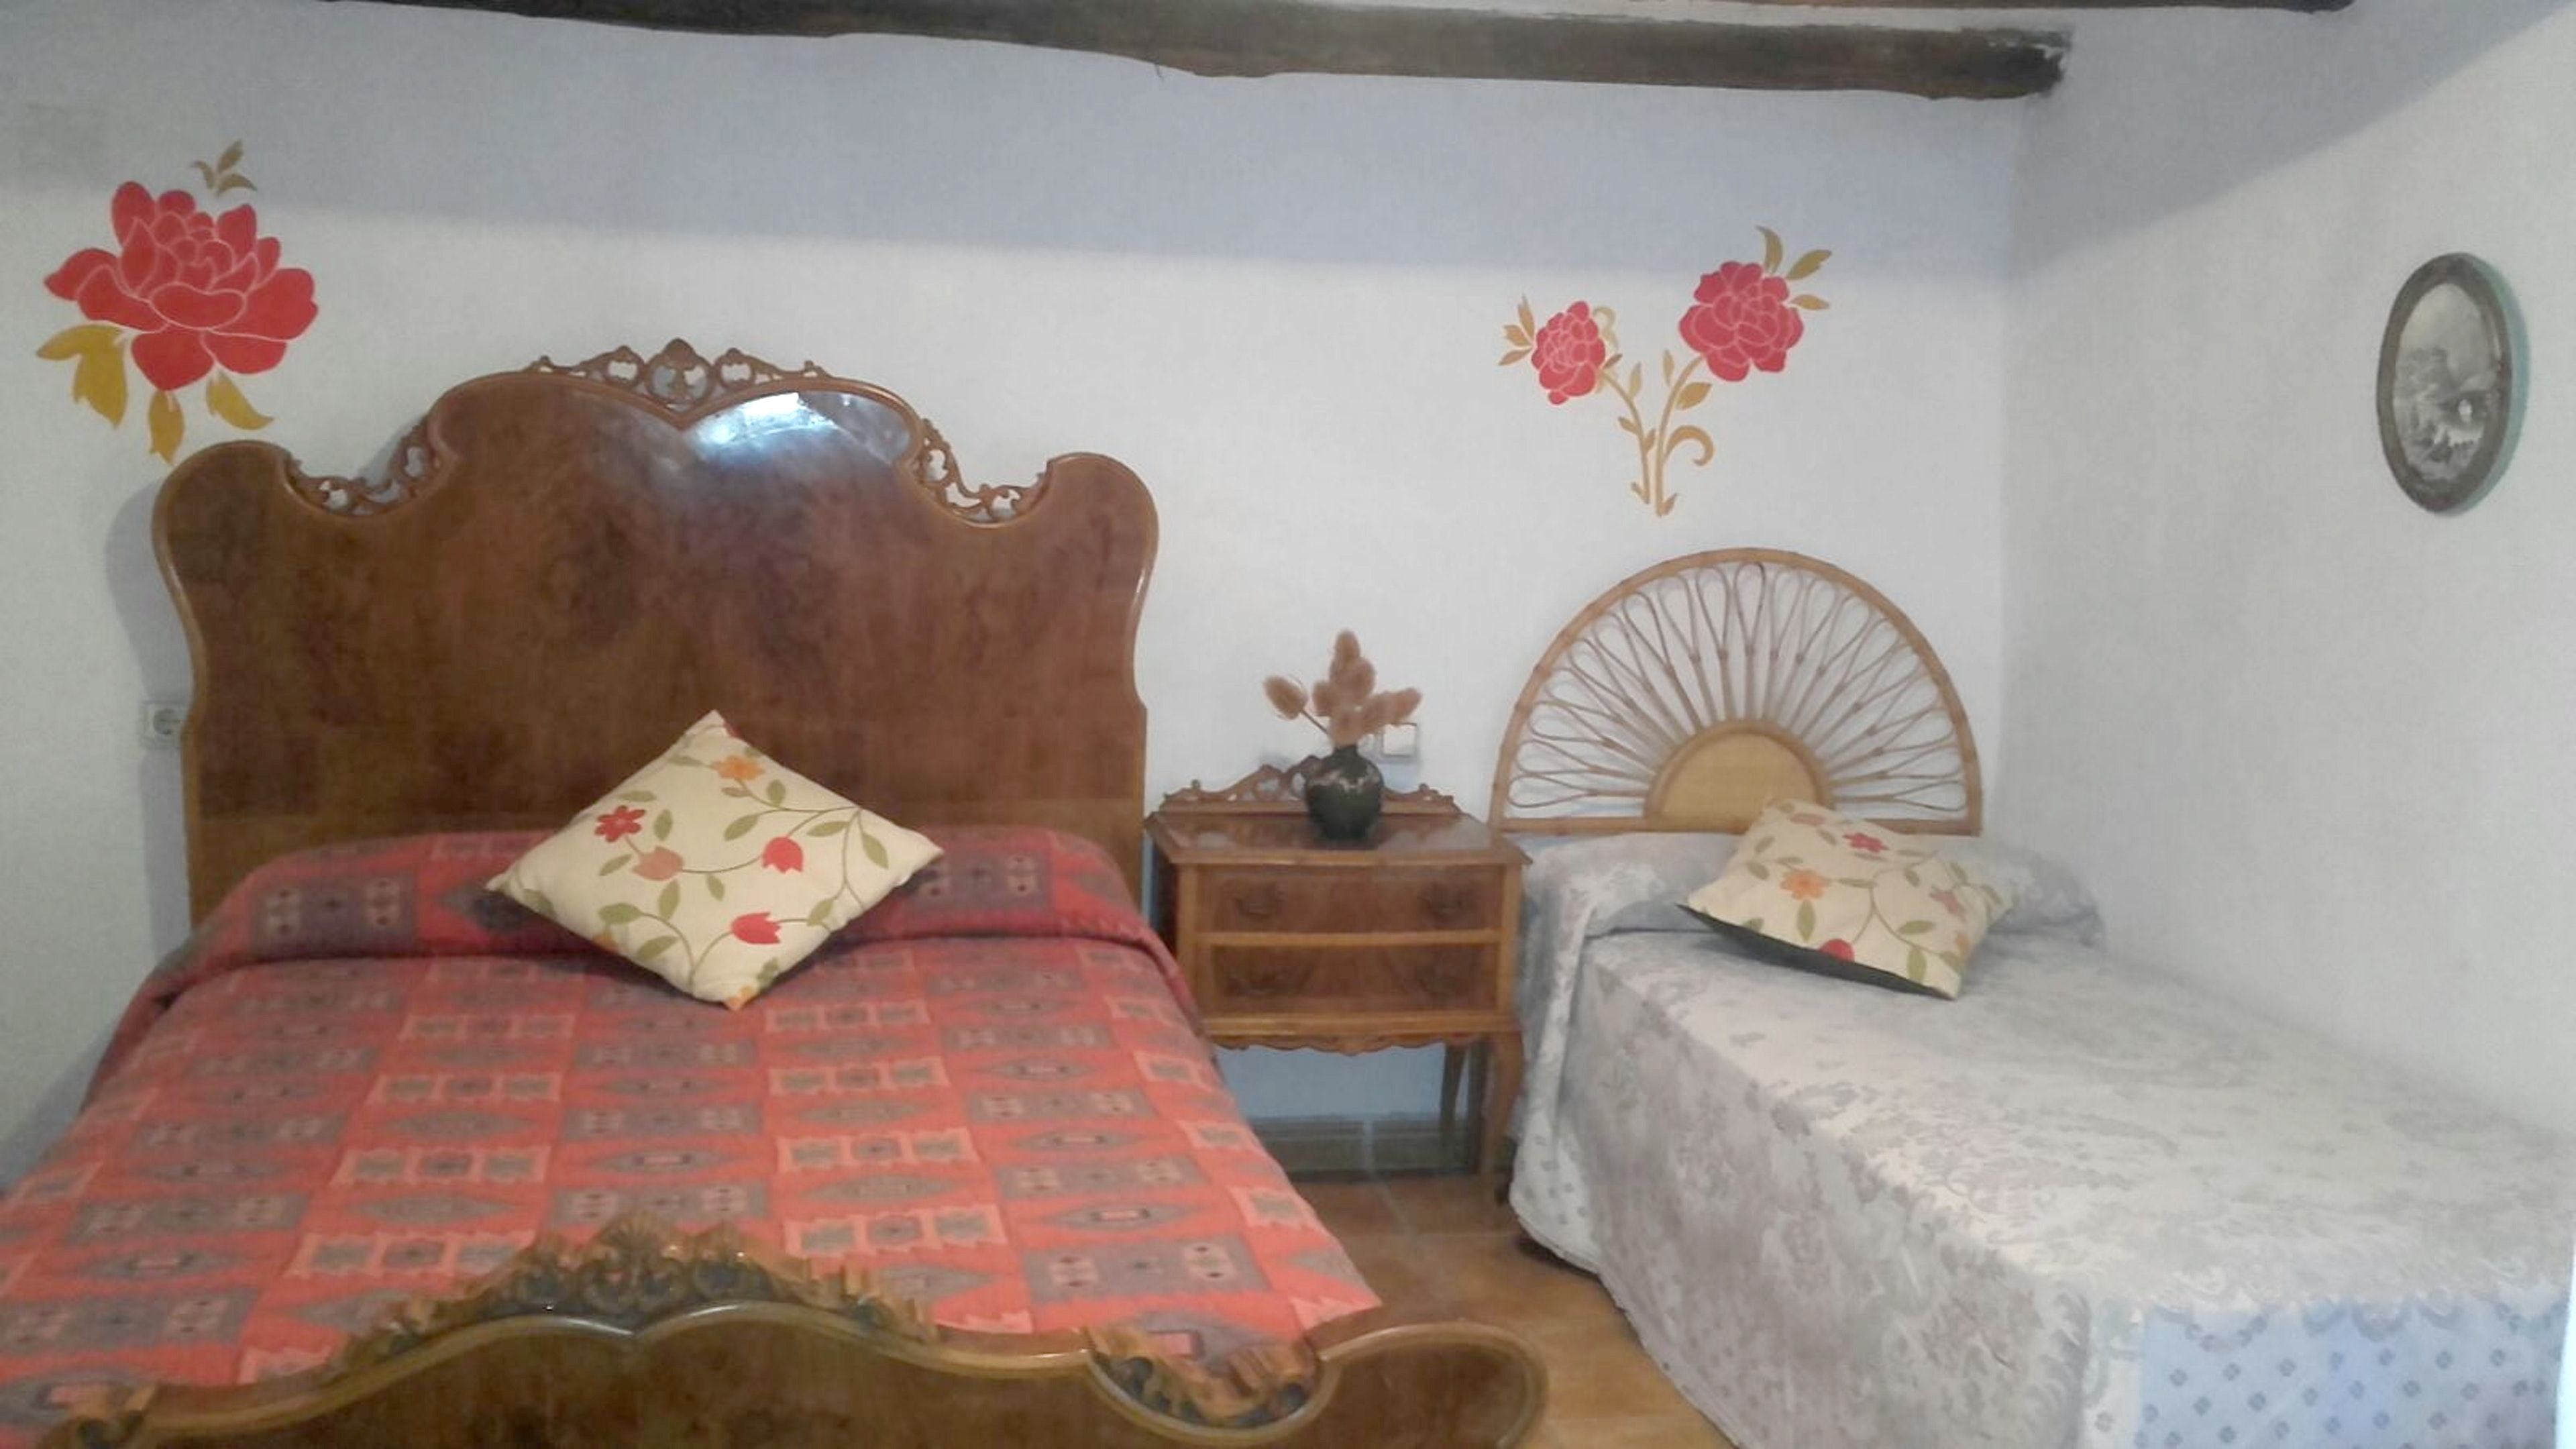 Ferienhaus Haus mit 5 Schlafzimmern in Casas del Cerro mit toller Aussicht auf die Berge und möbliert (2201517), Casas del Cerro, Albacete, Kastilien-La Mancha, Spanien, Bild 21